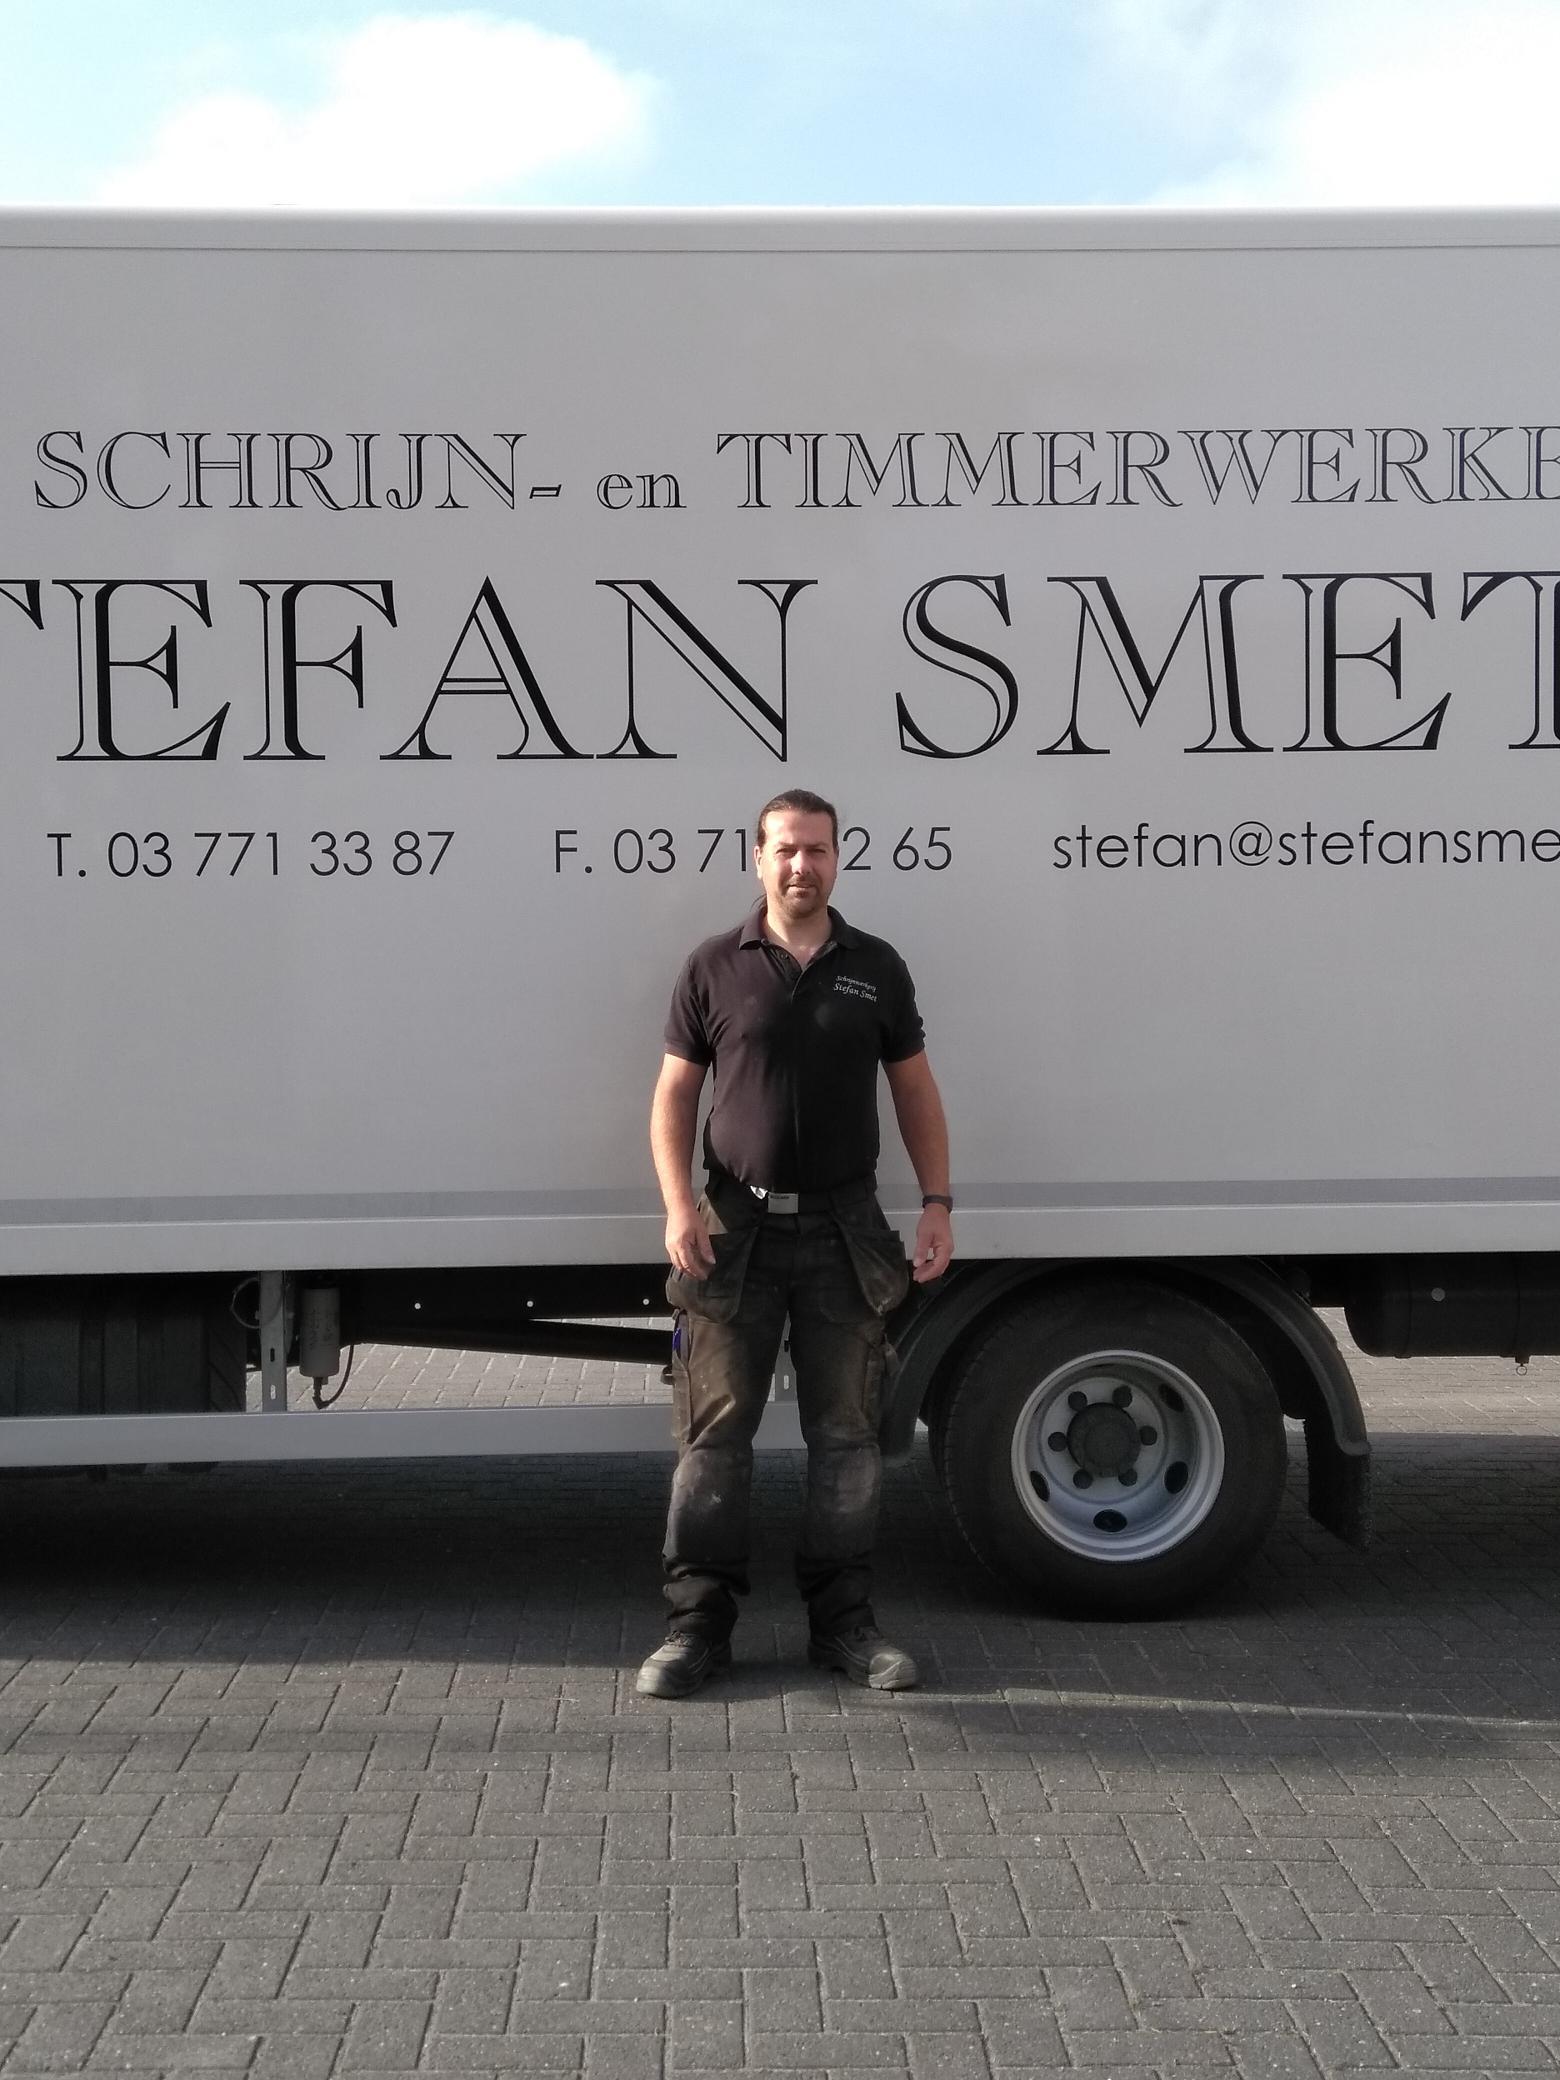 Stefan Smet